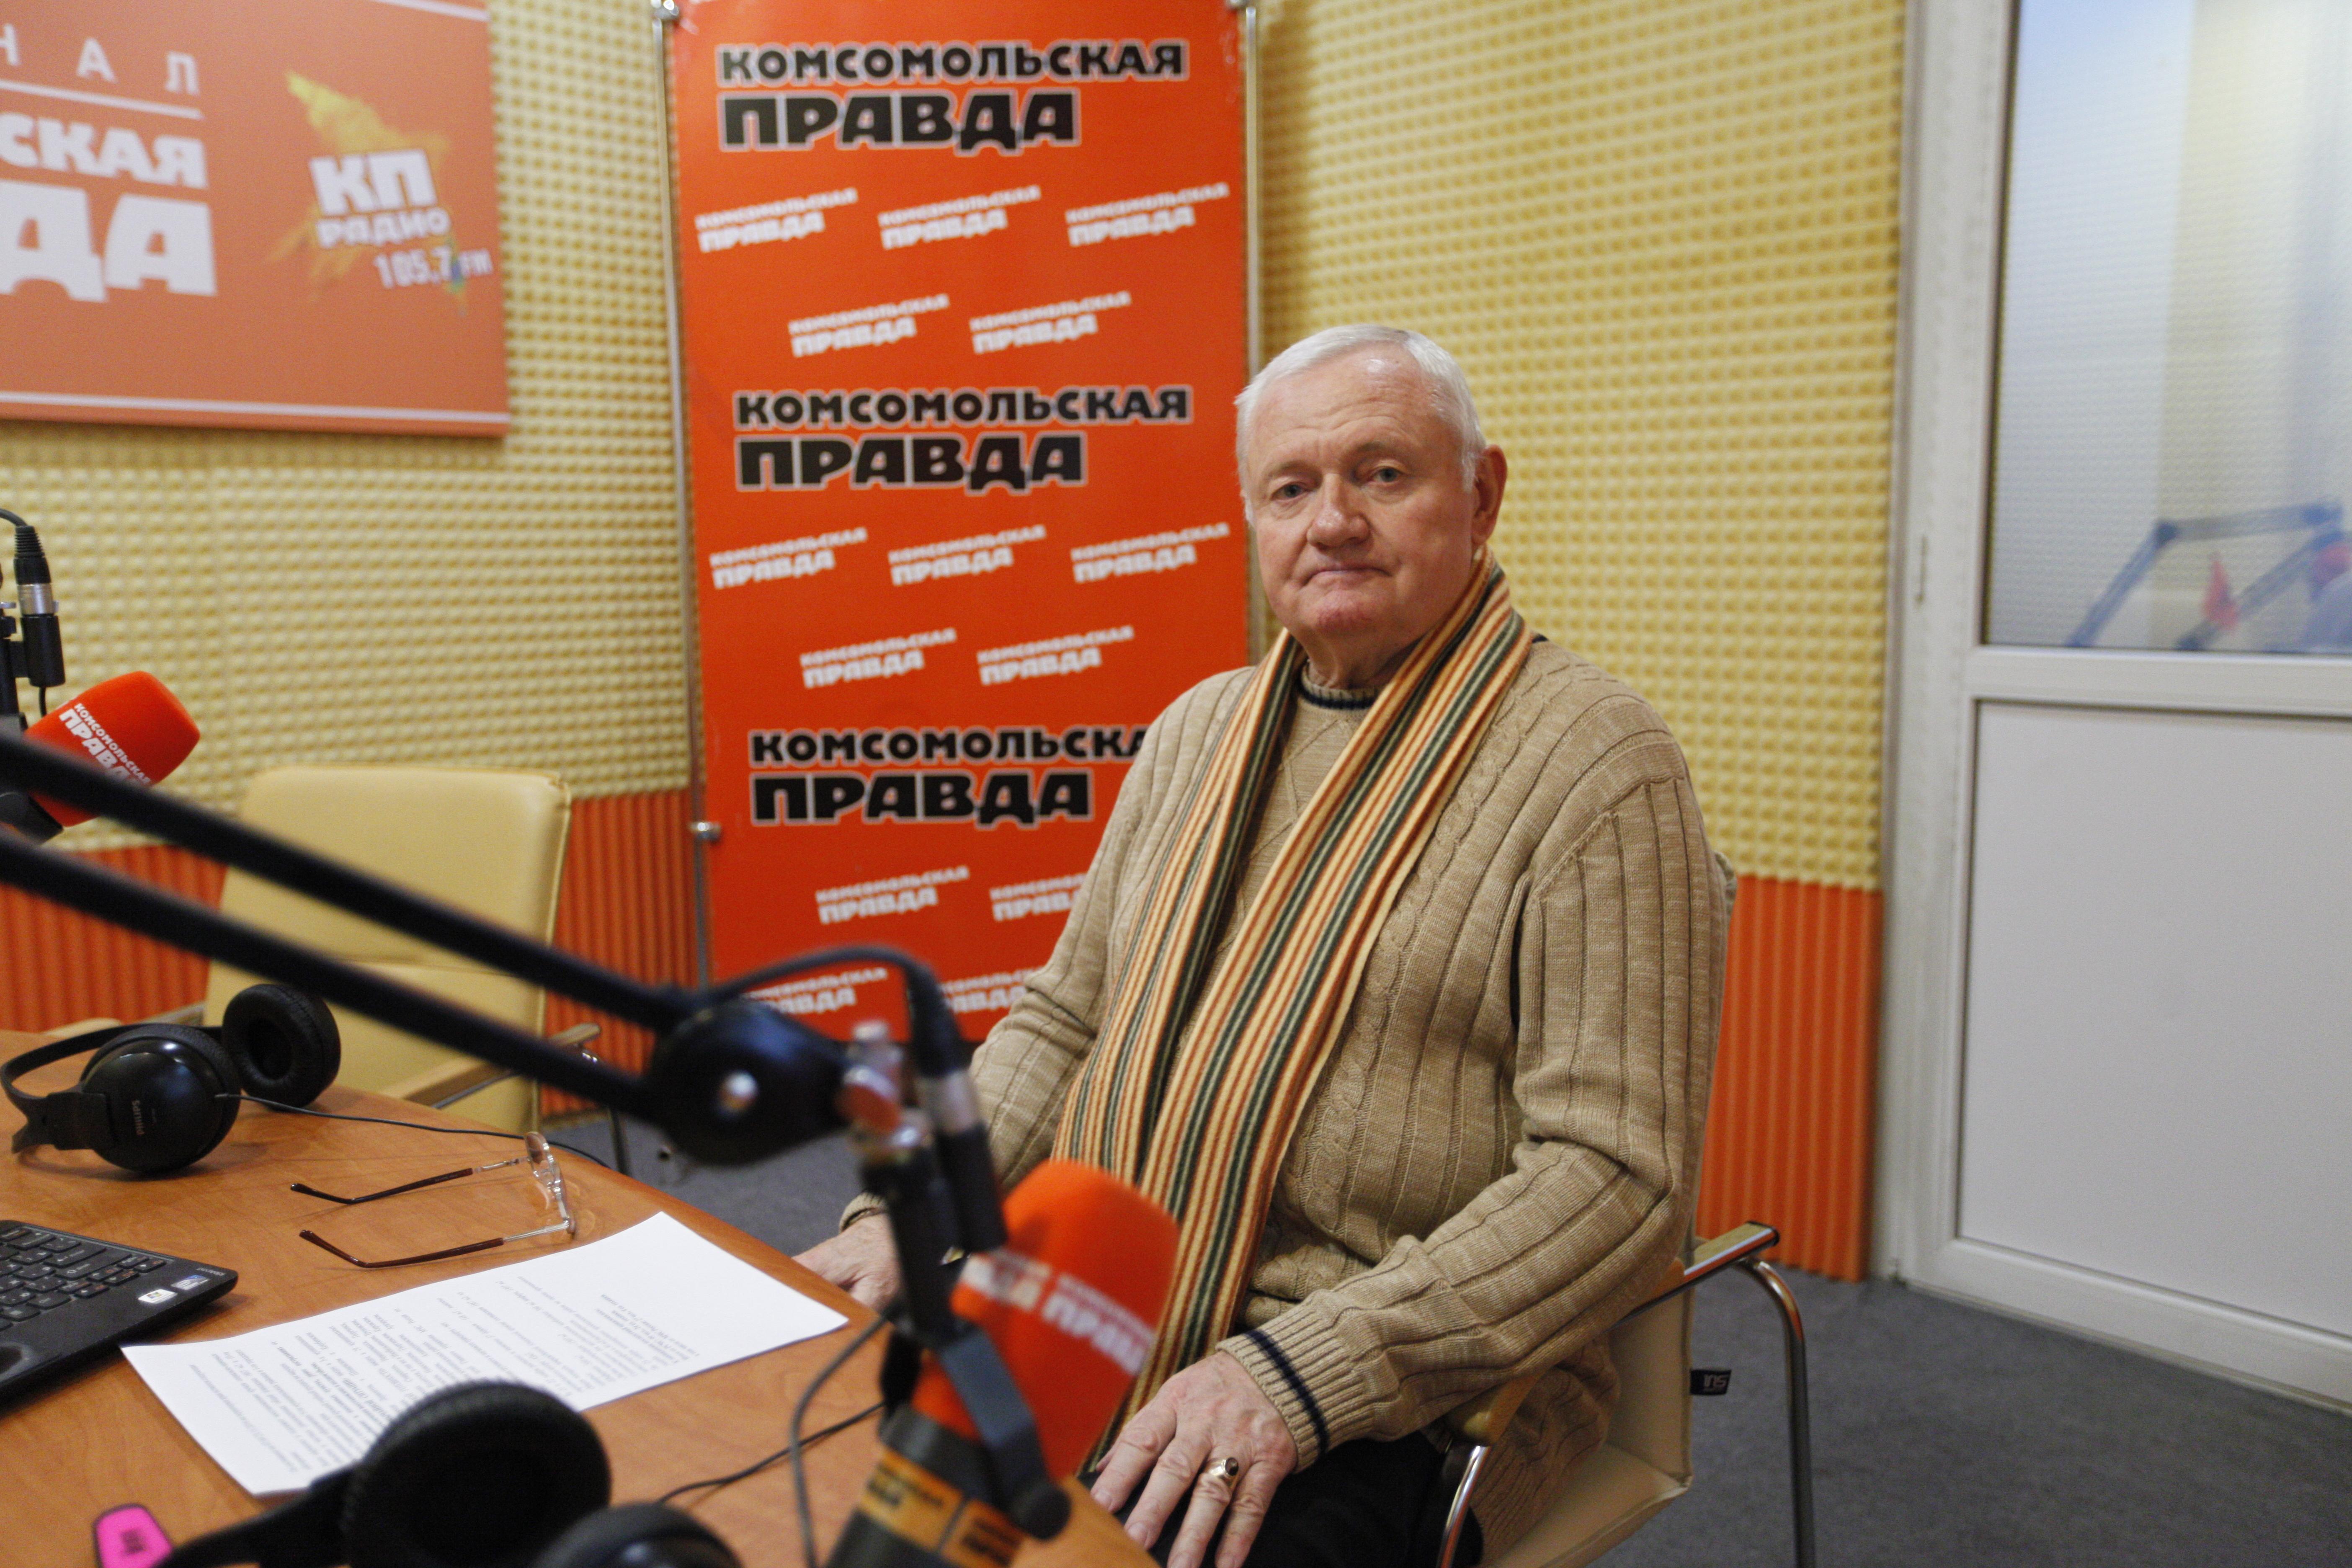 первый заместитель начальника филиала ПАСС СК - АСС СК Михаил Кривенко